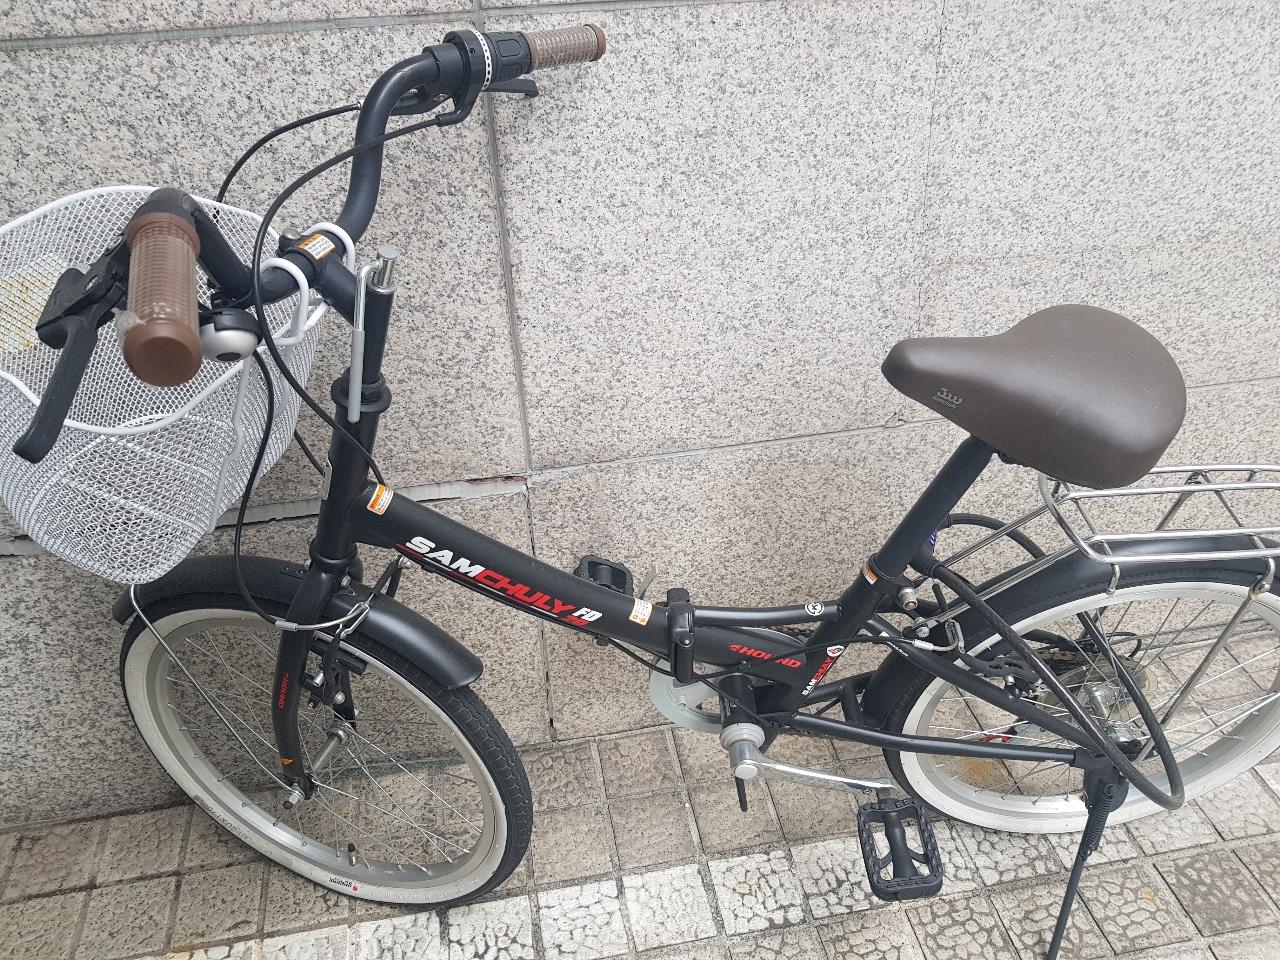 새자전거나 다름없는 바구니자전거 팔아요 ♡